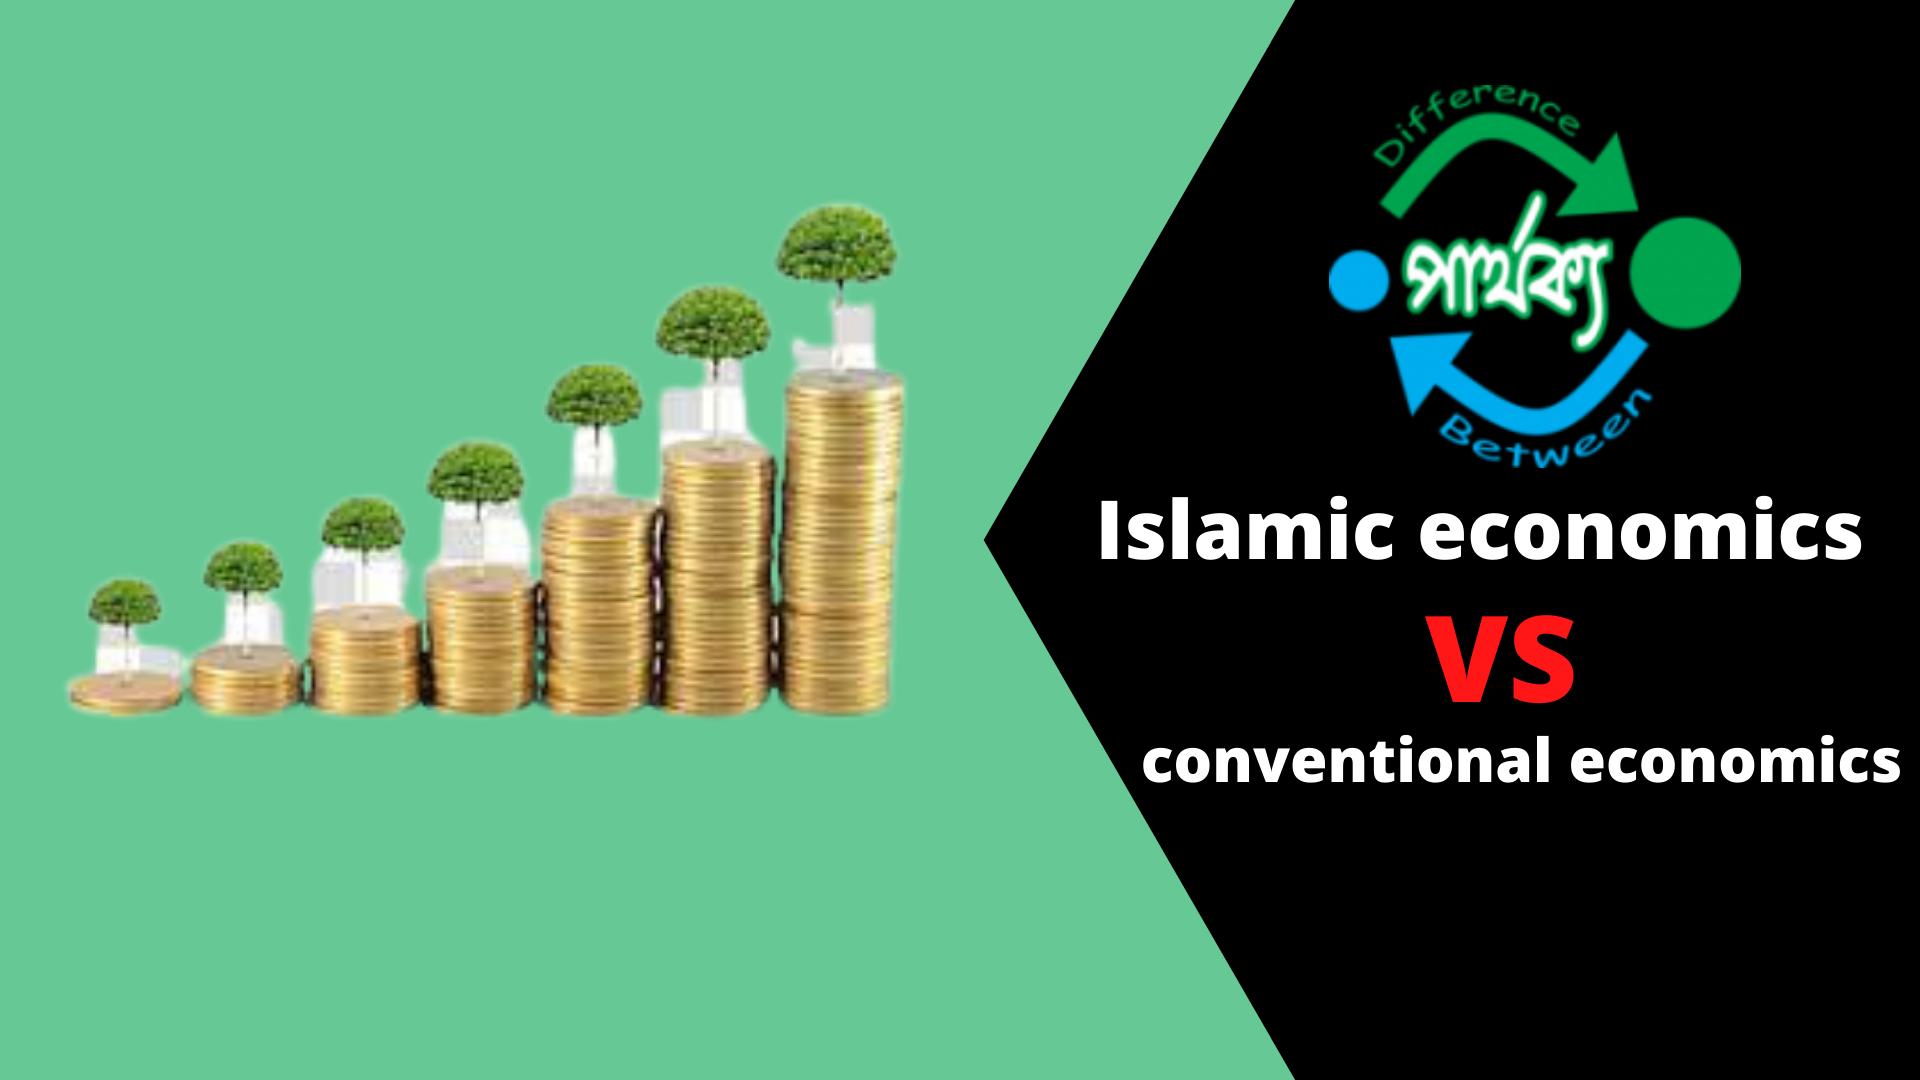 ইসলামি অর্থনীতি ও প্রচলিত অর্থনীতির মধ্যে পার্থক্য